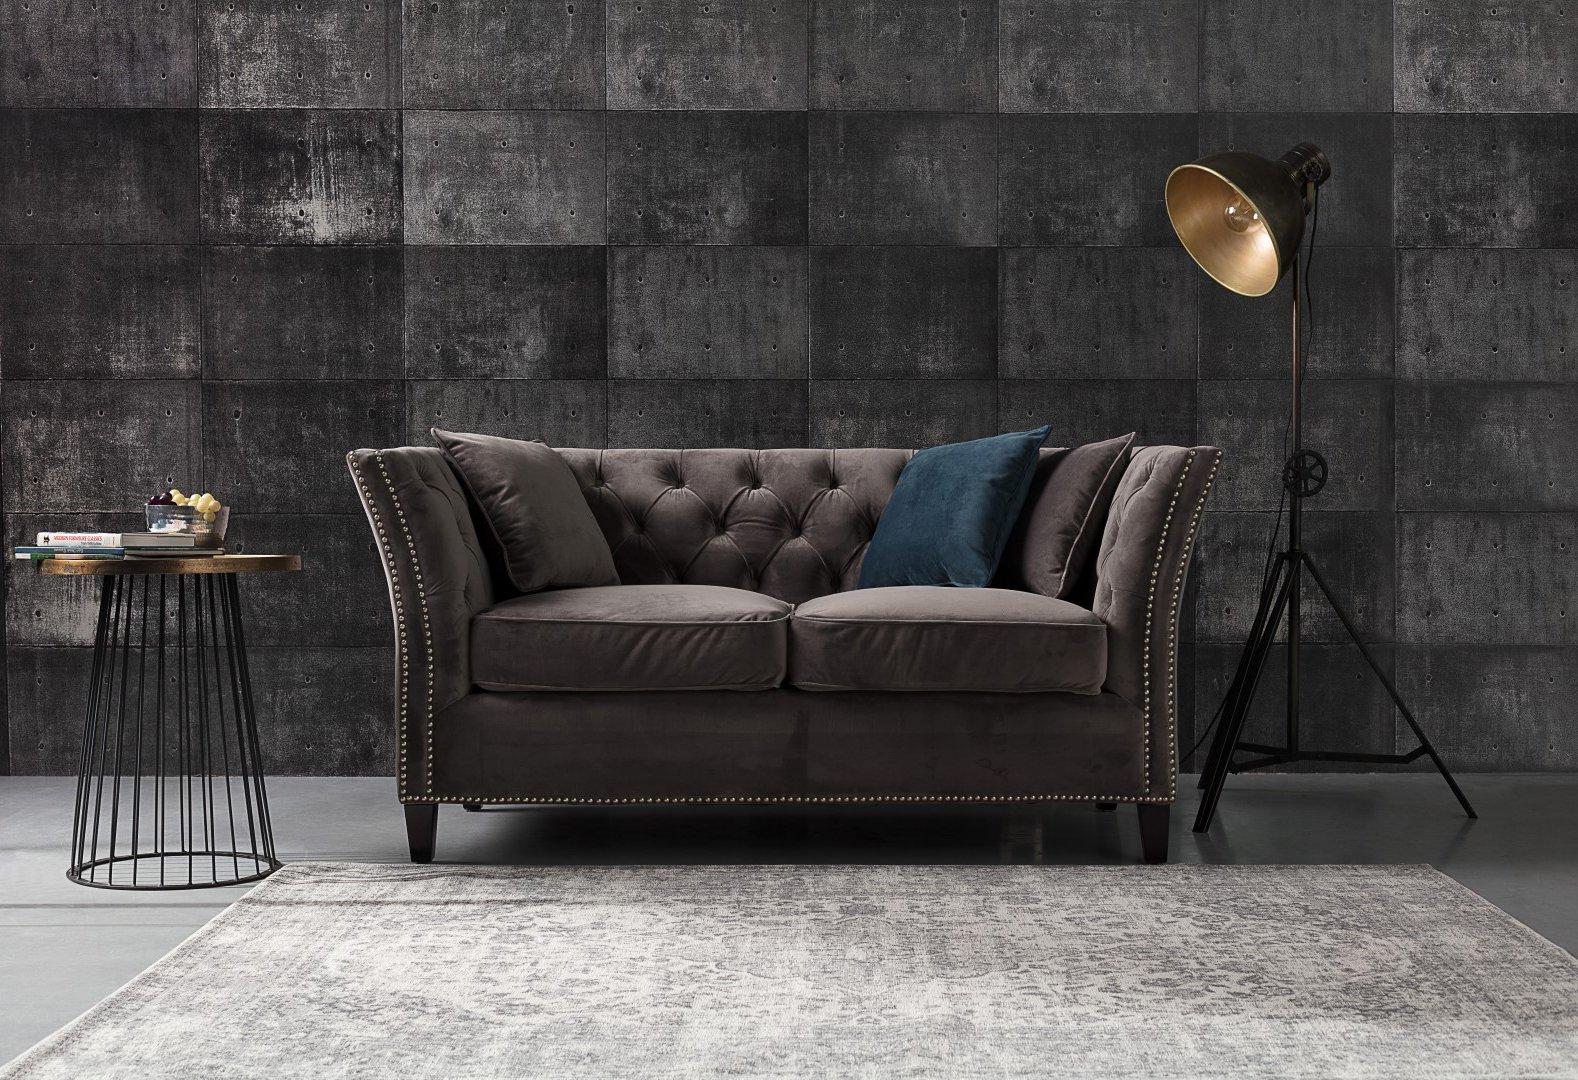 Sofy Chesterfield - nowoczesna elegancja